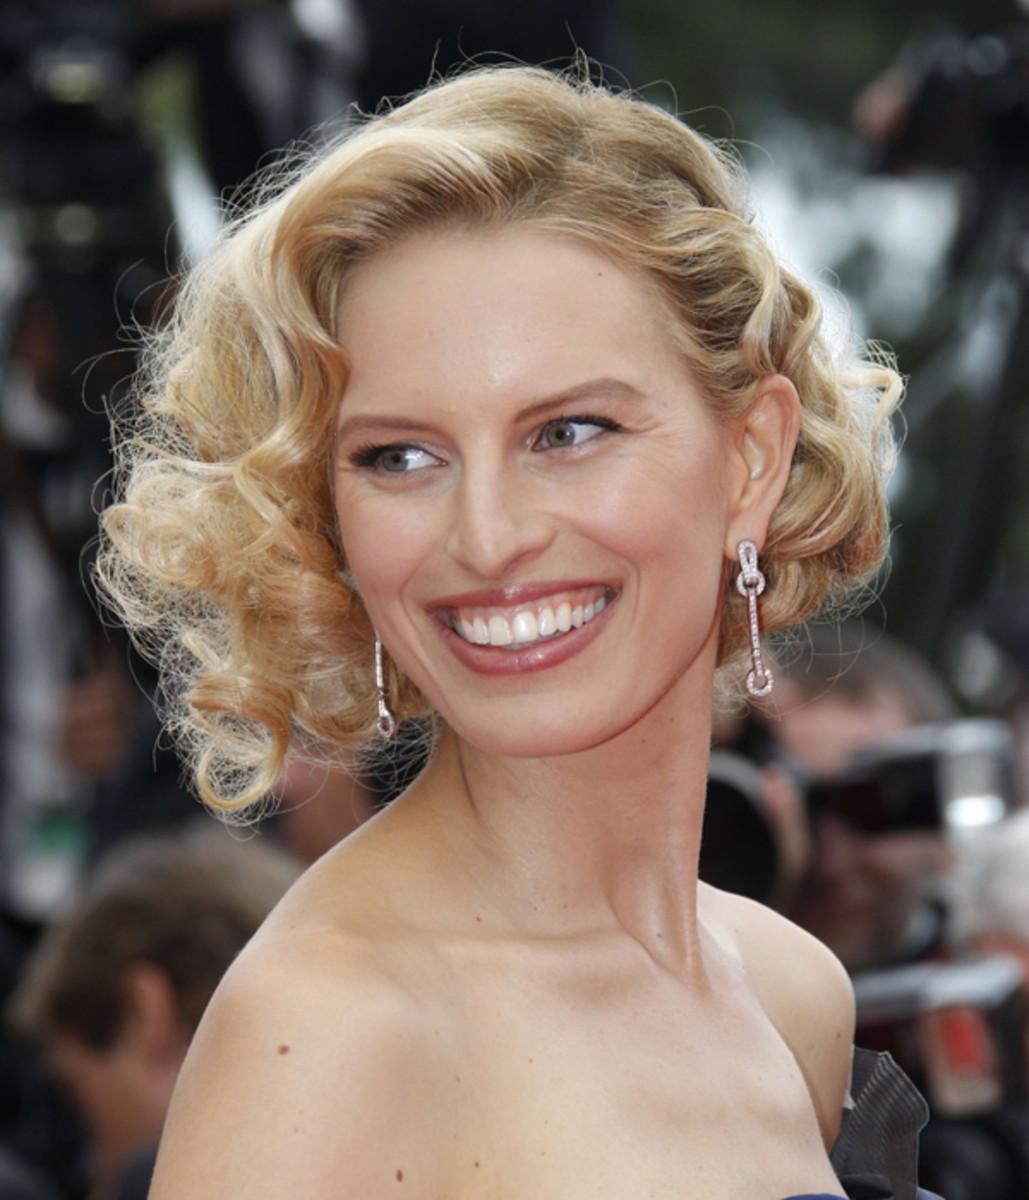 Karolina-Kurkova-Cannes-2011